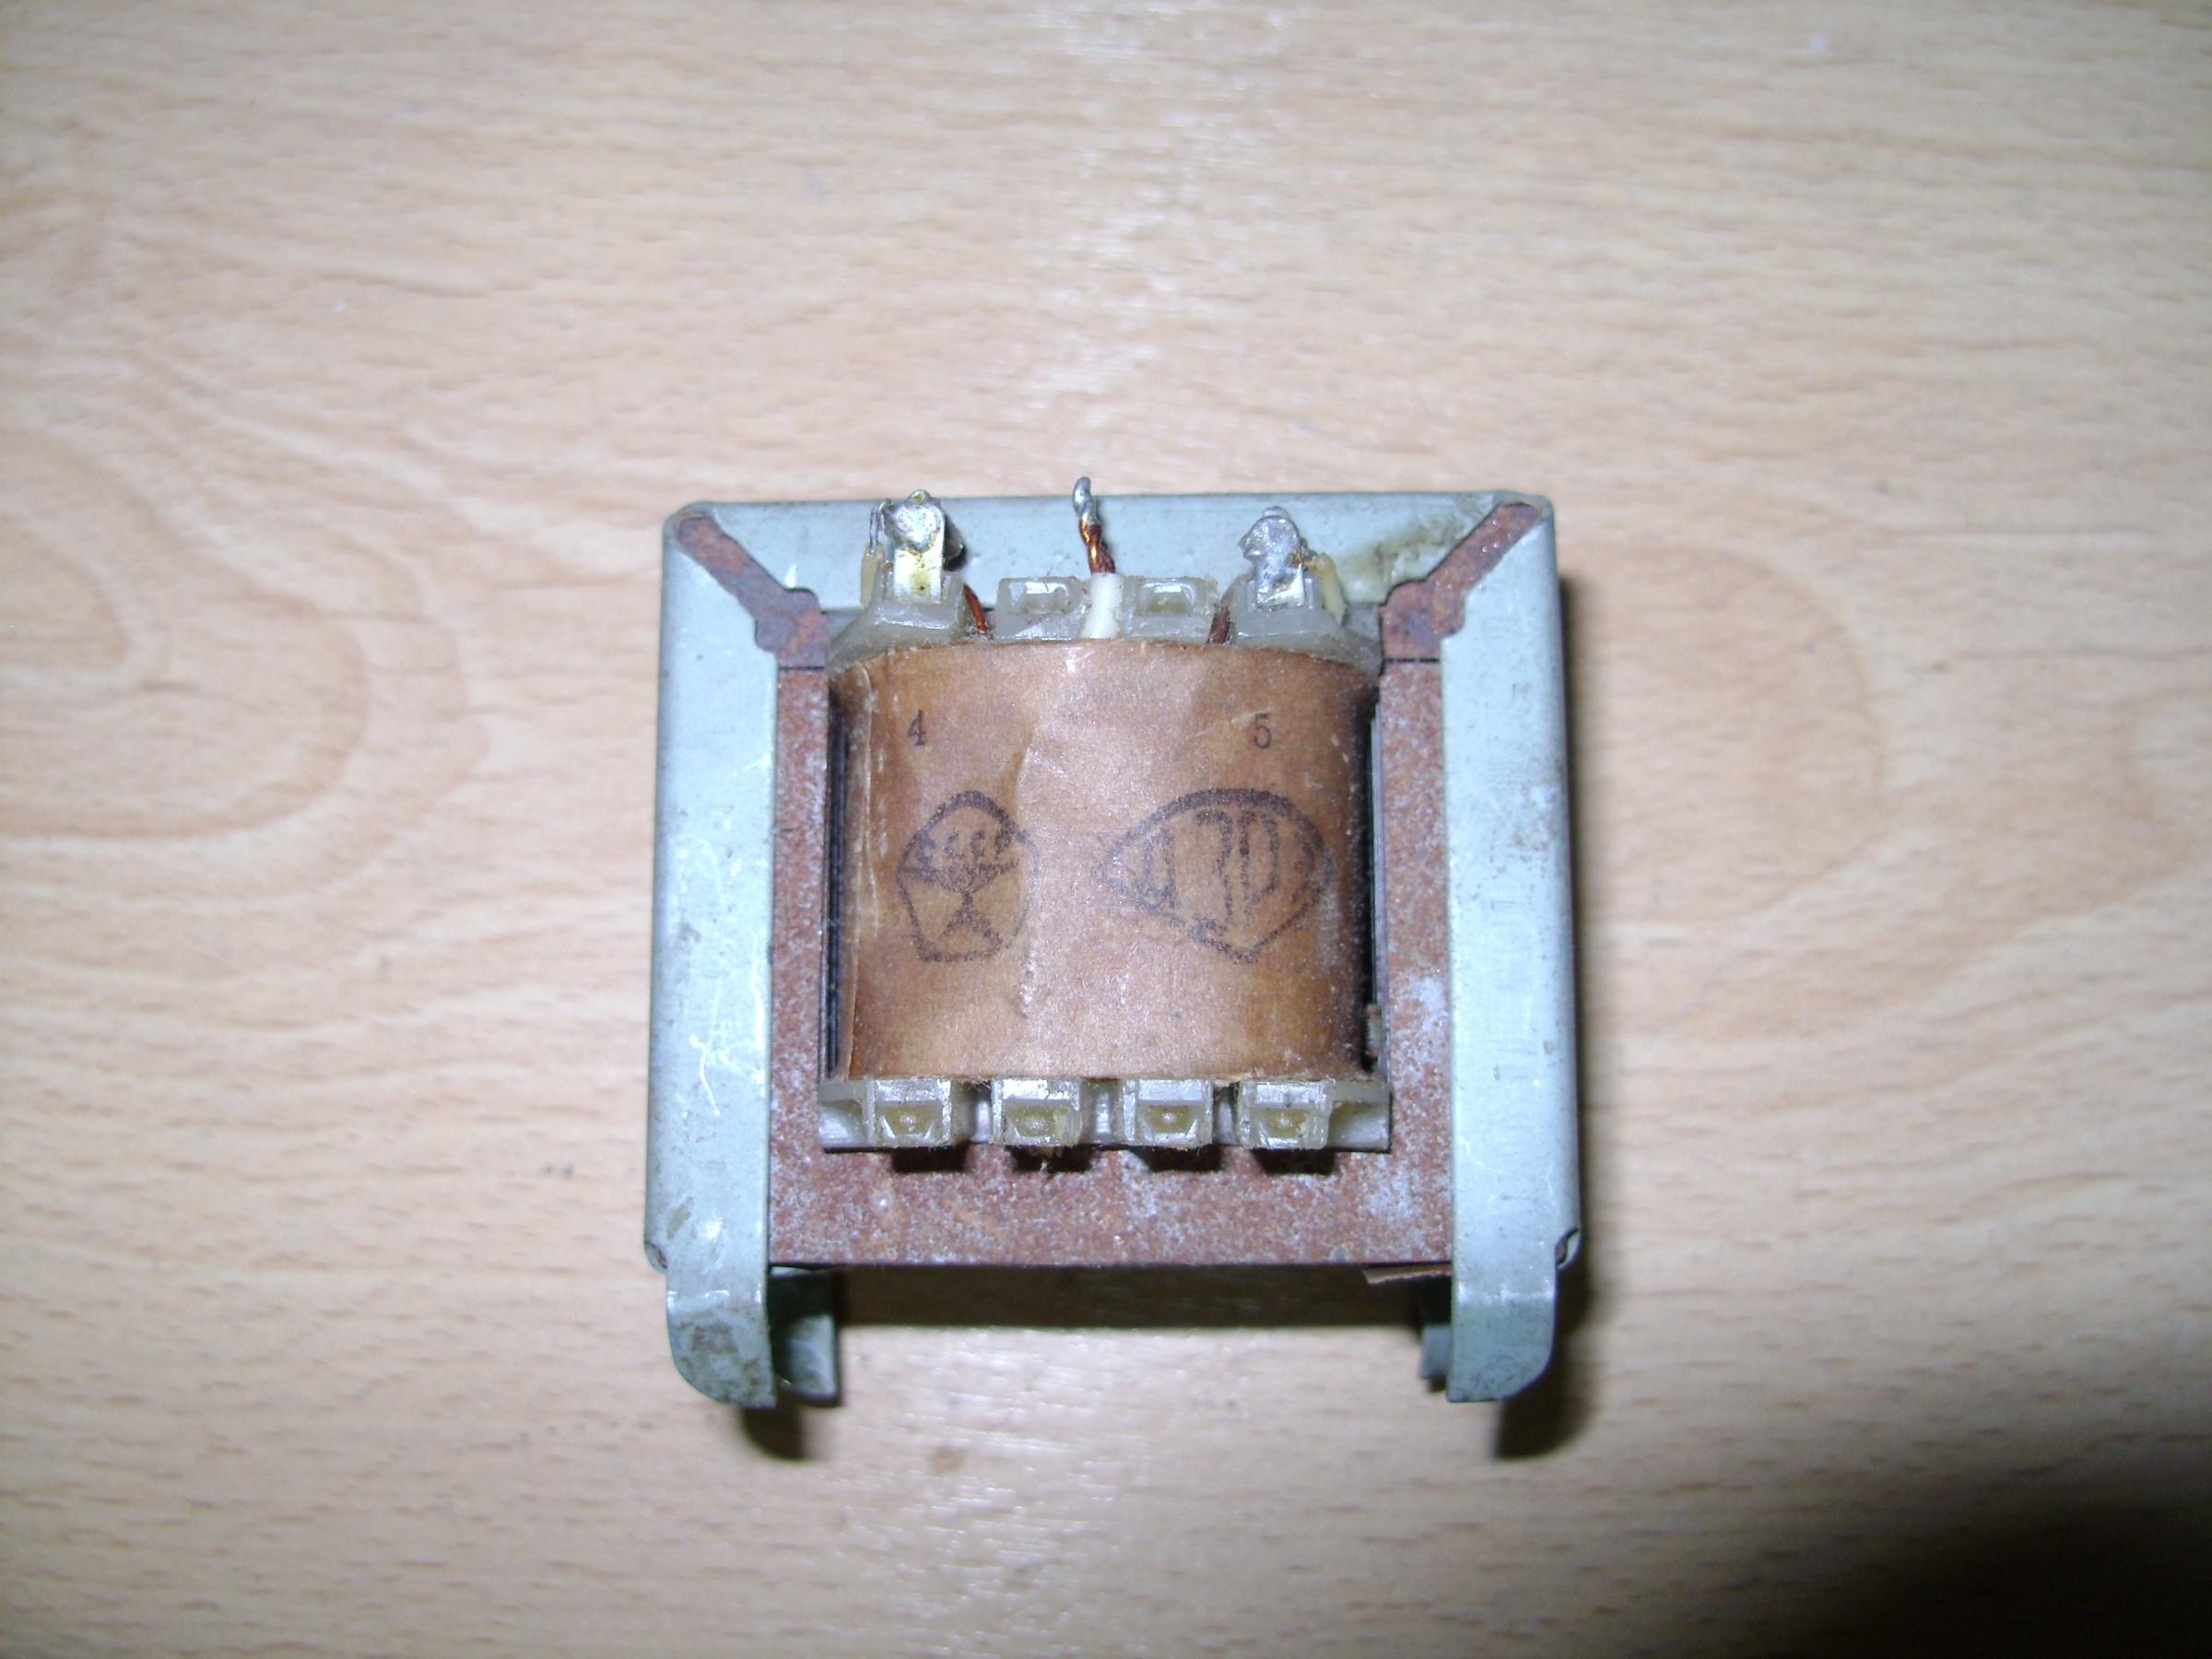 ямы, трансформатор из двух дросселей карте Липецка адреса